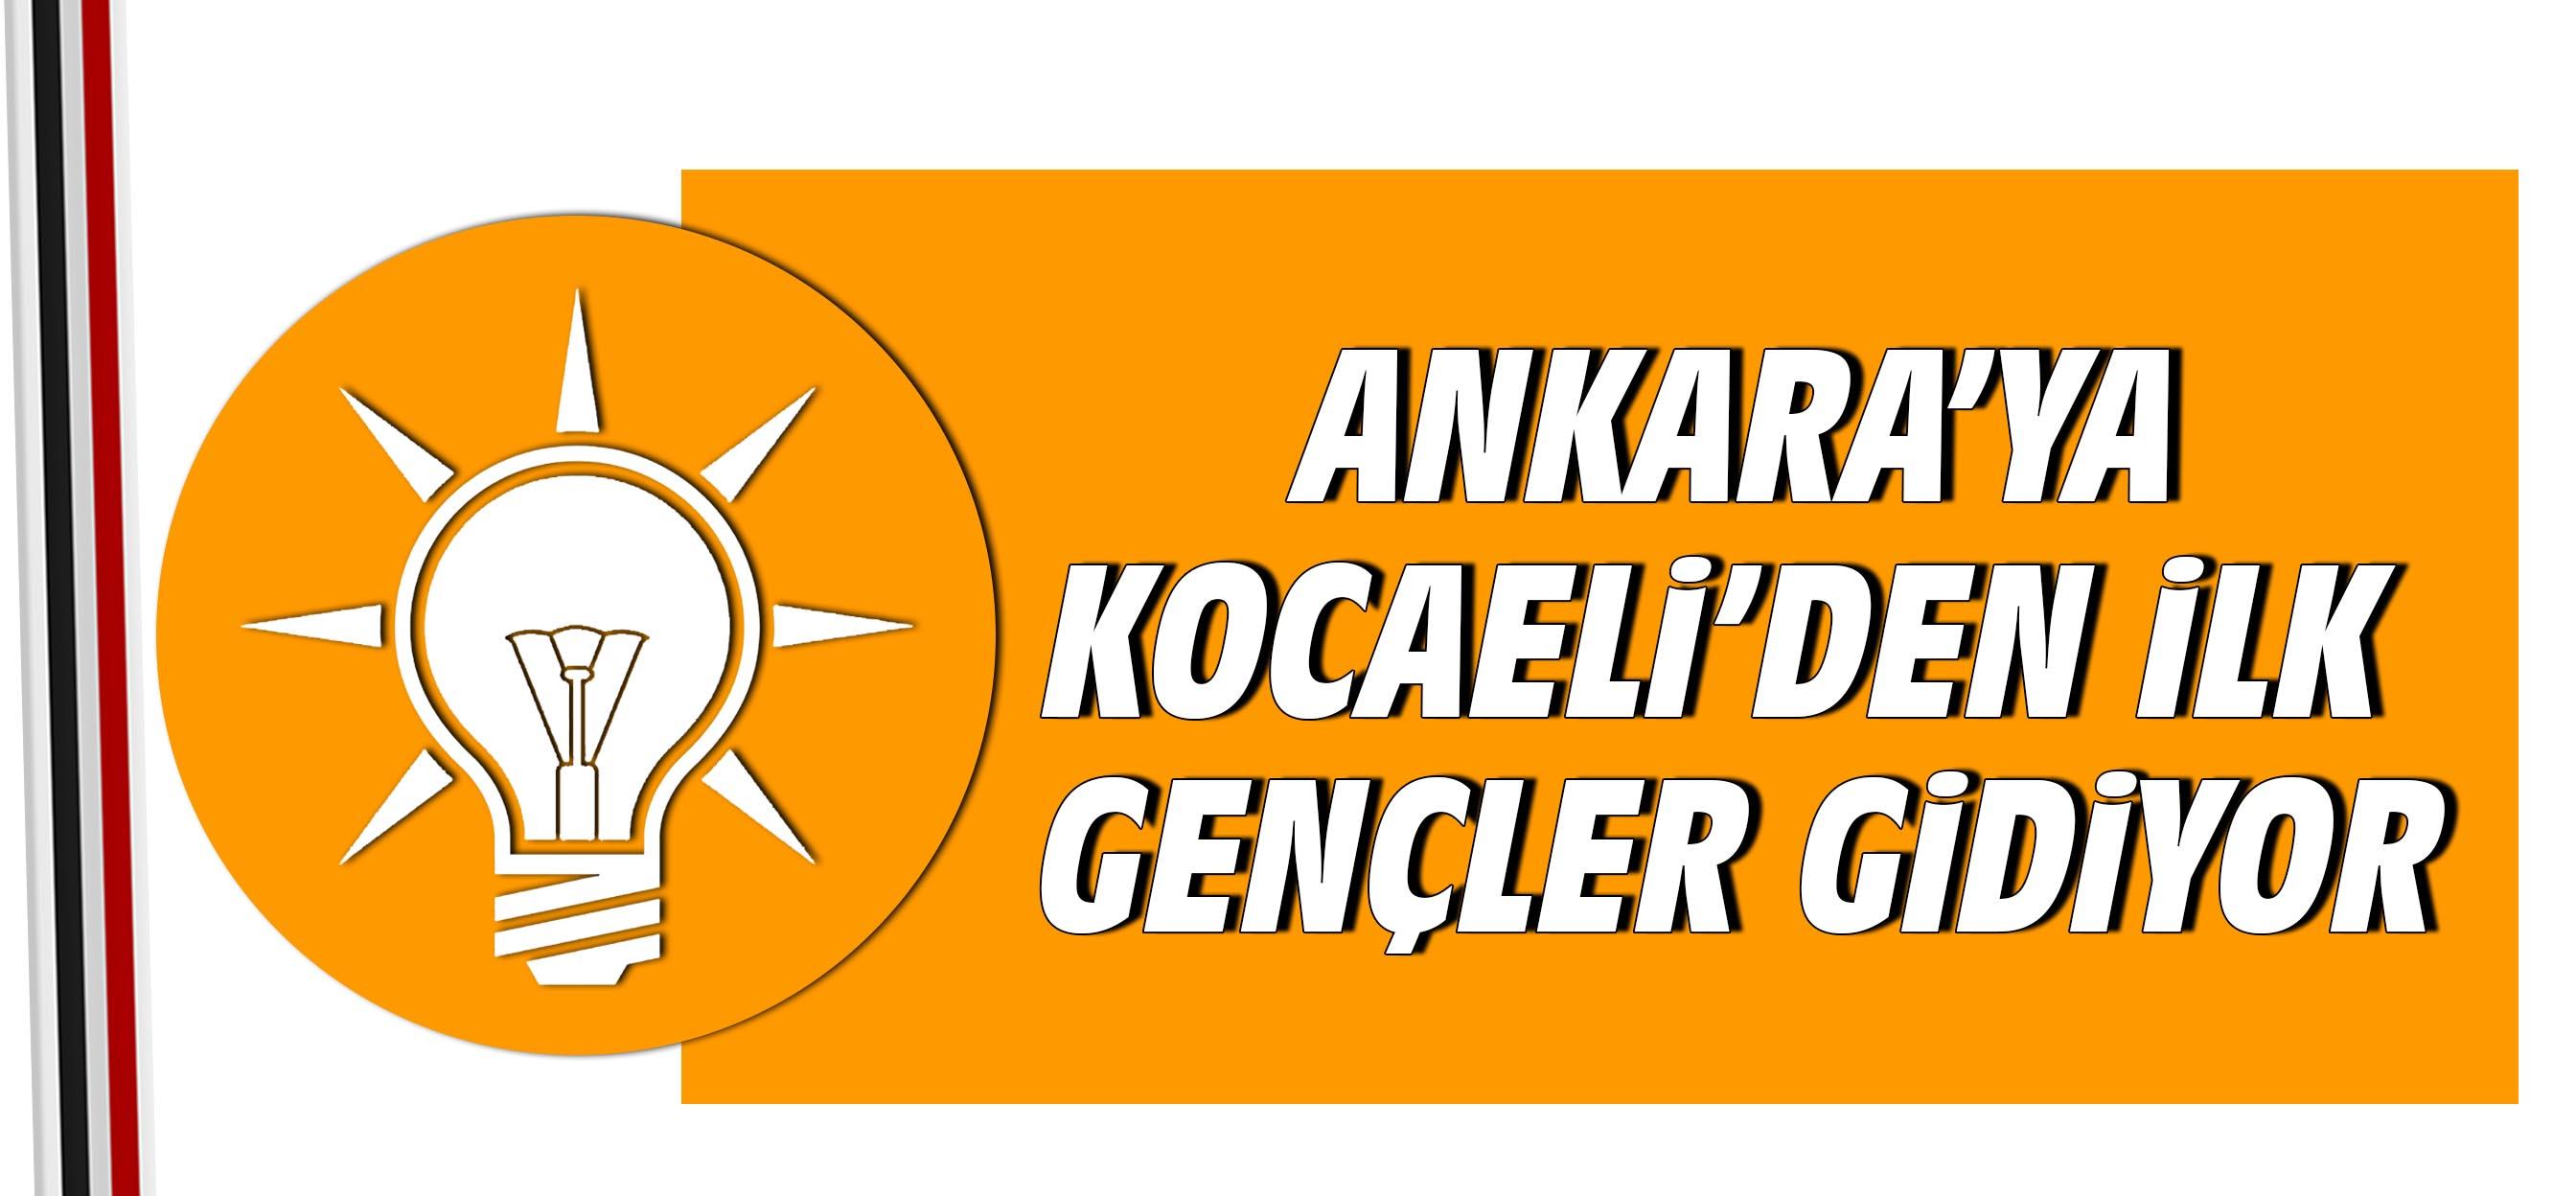 Ankara'ya Kocaeli'den İlk Gençler Gidiyor